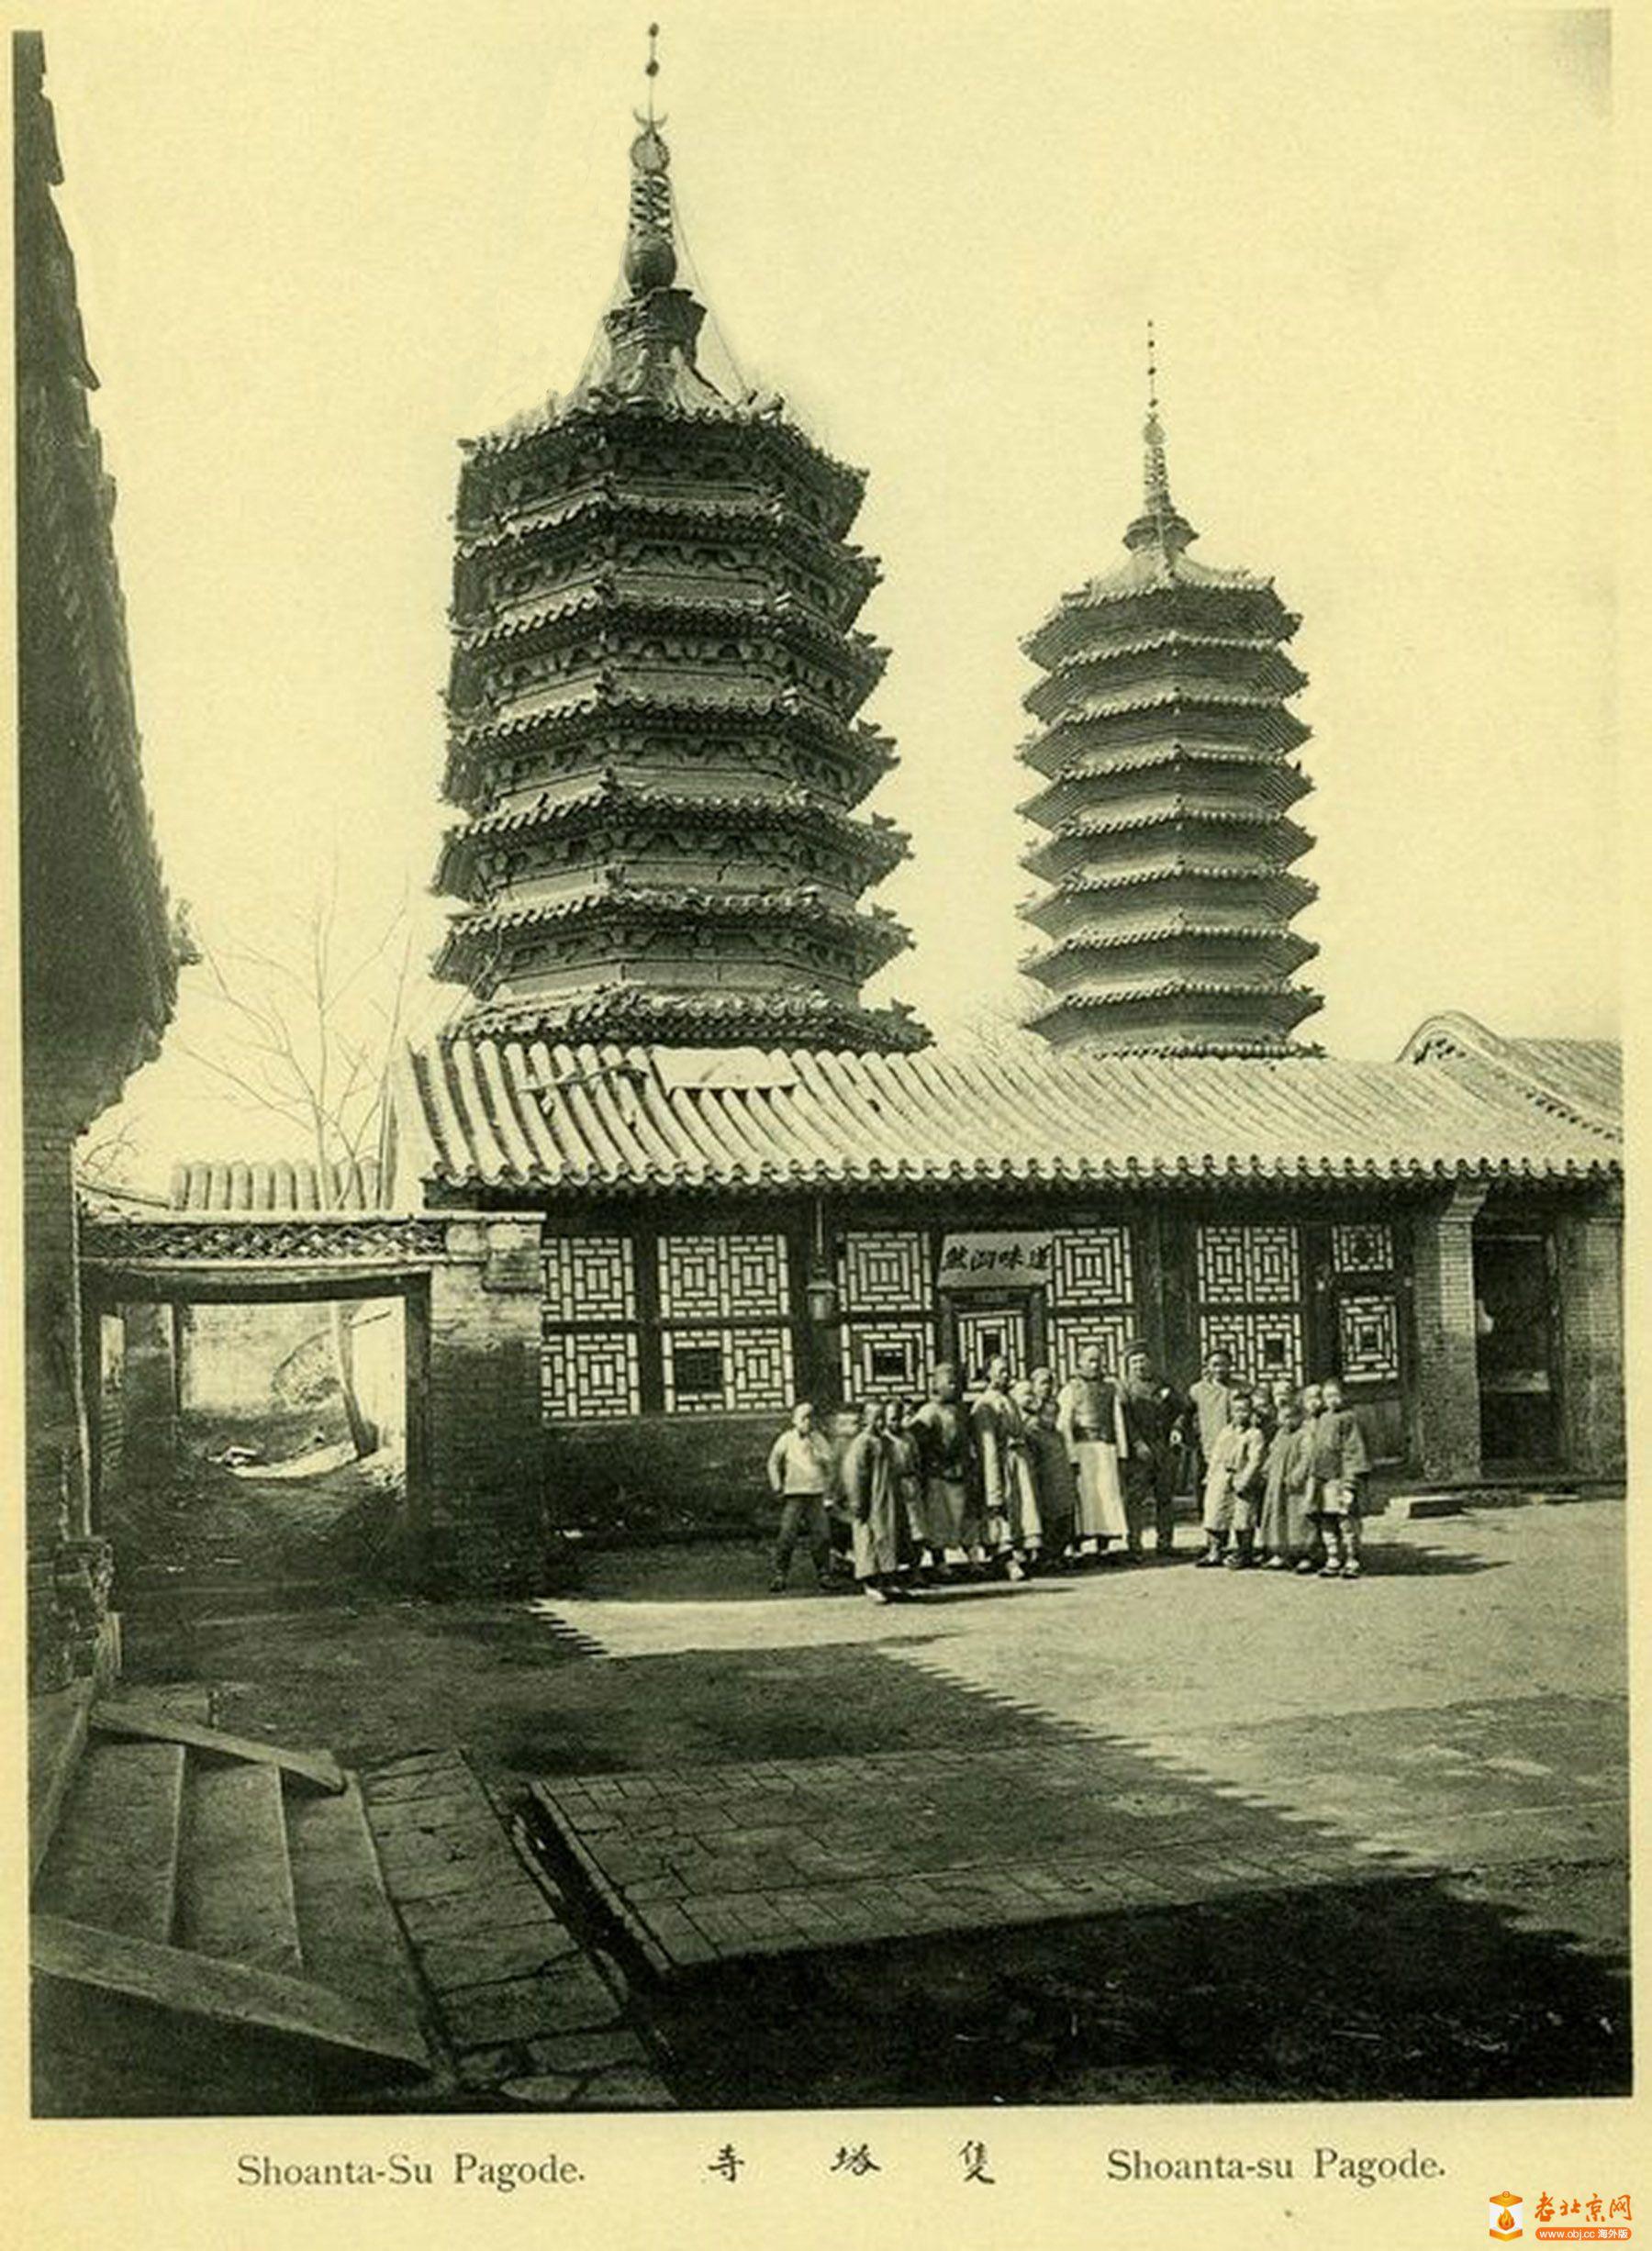 【分享】1900年北京双塔庆寿寺可庵塔